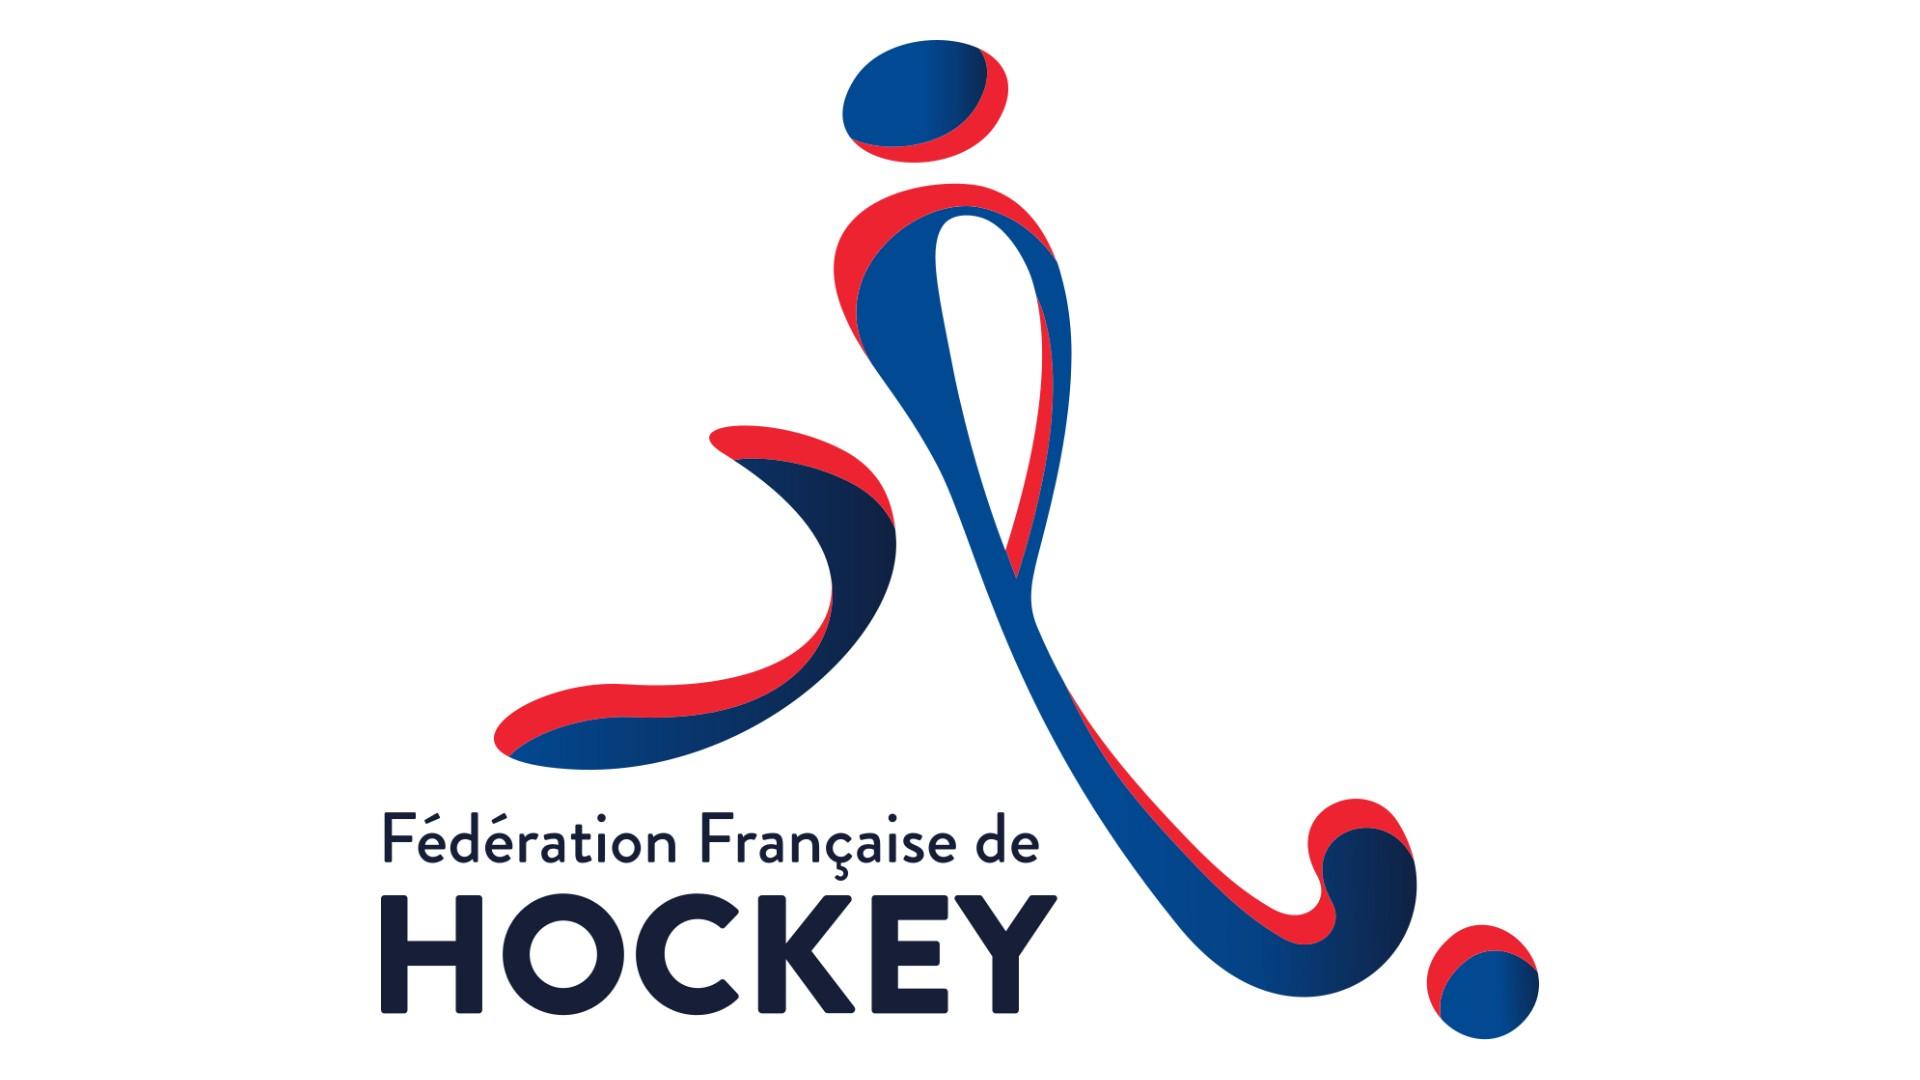 Fédération française de hockey FFH (1) logo